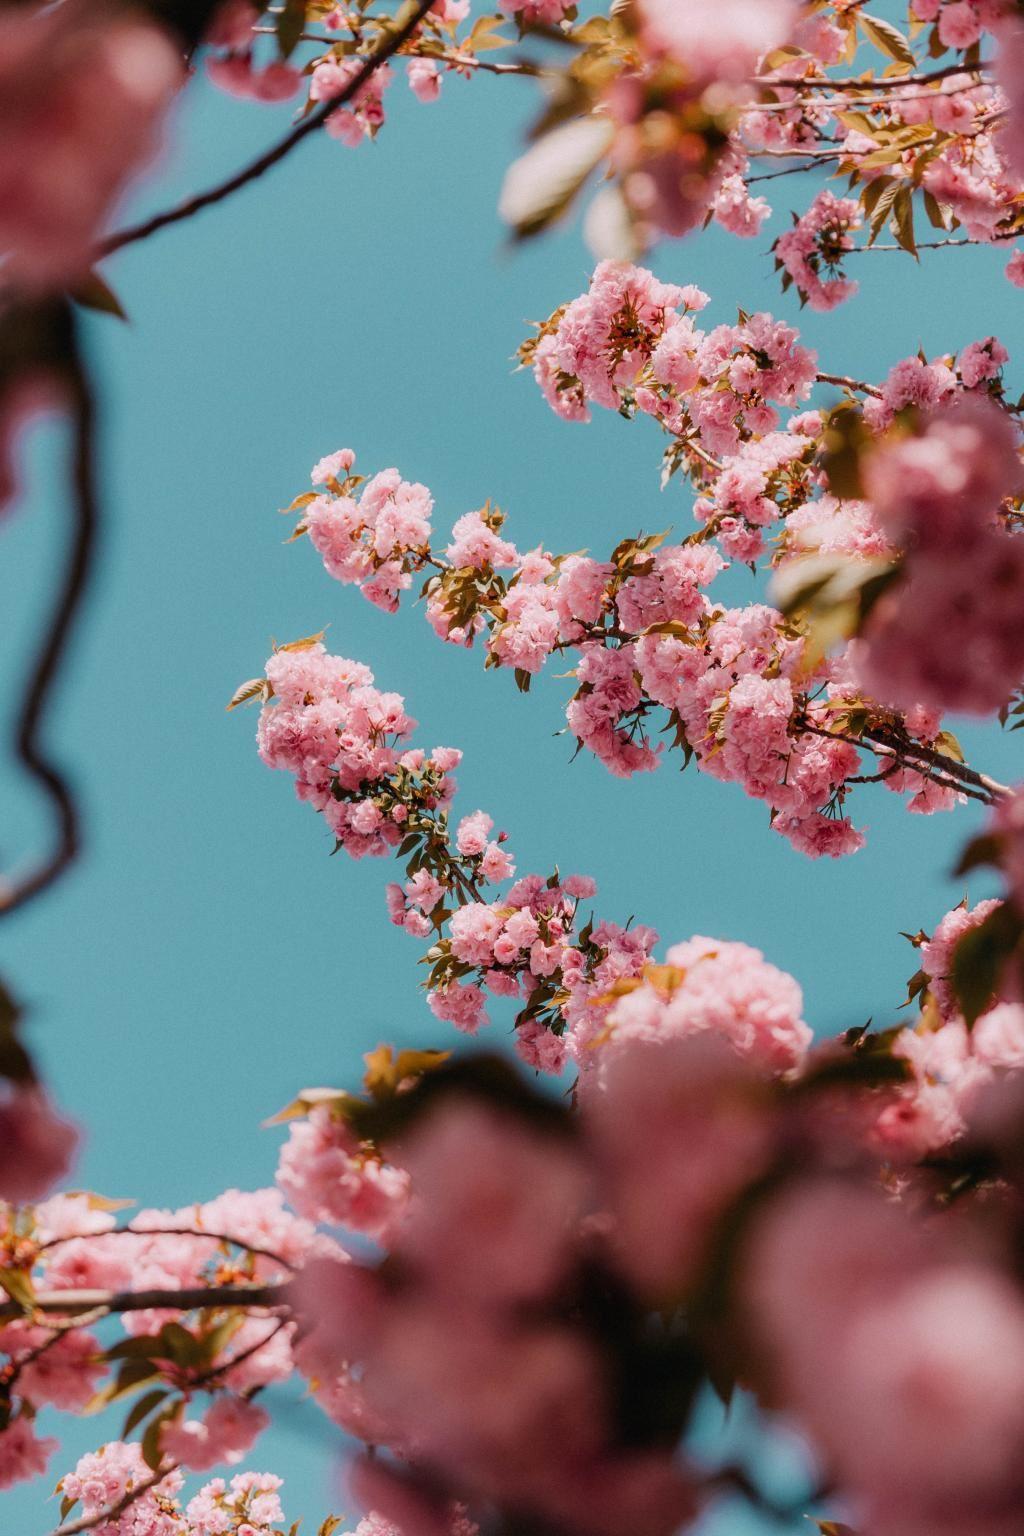 盛开的粉色关山樱花间的蓝色天空唯美高清图片